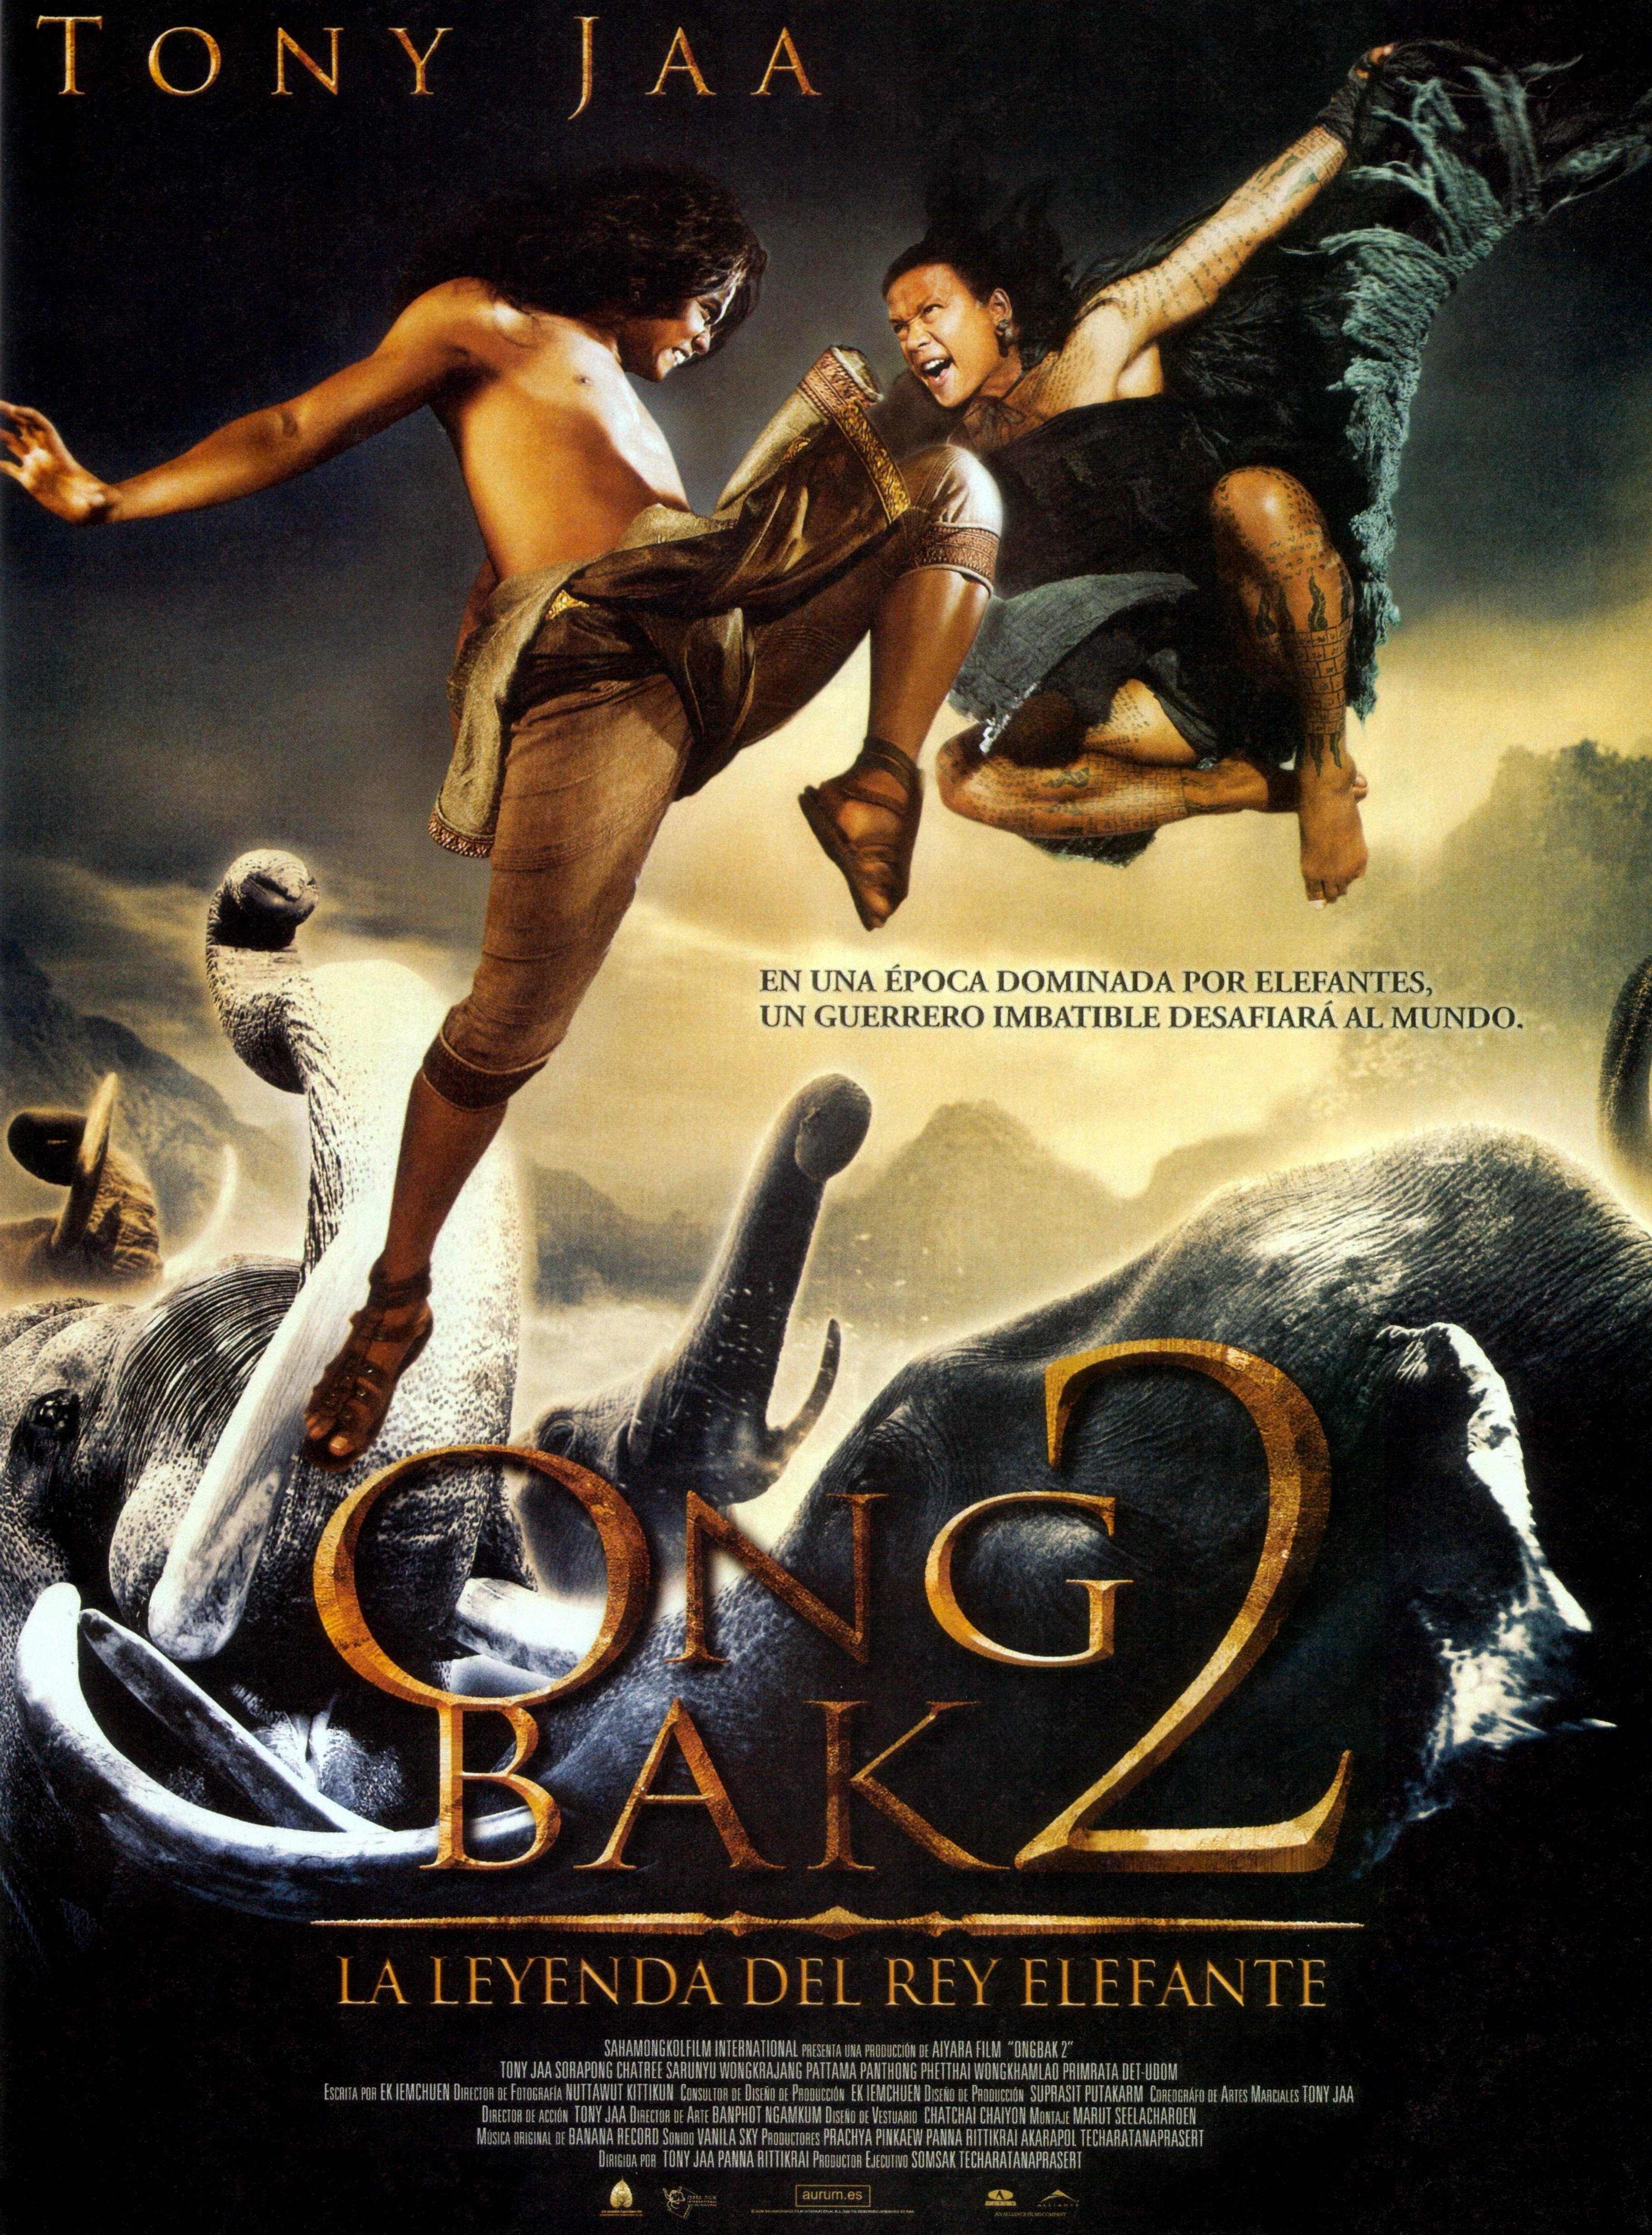 Ong Bak 2 La Leyenda Del Rey Elefante Martial Art Movies Movies